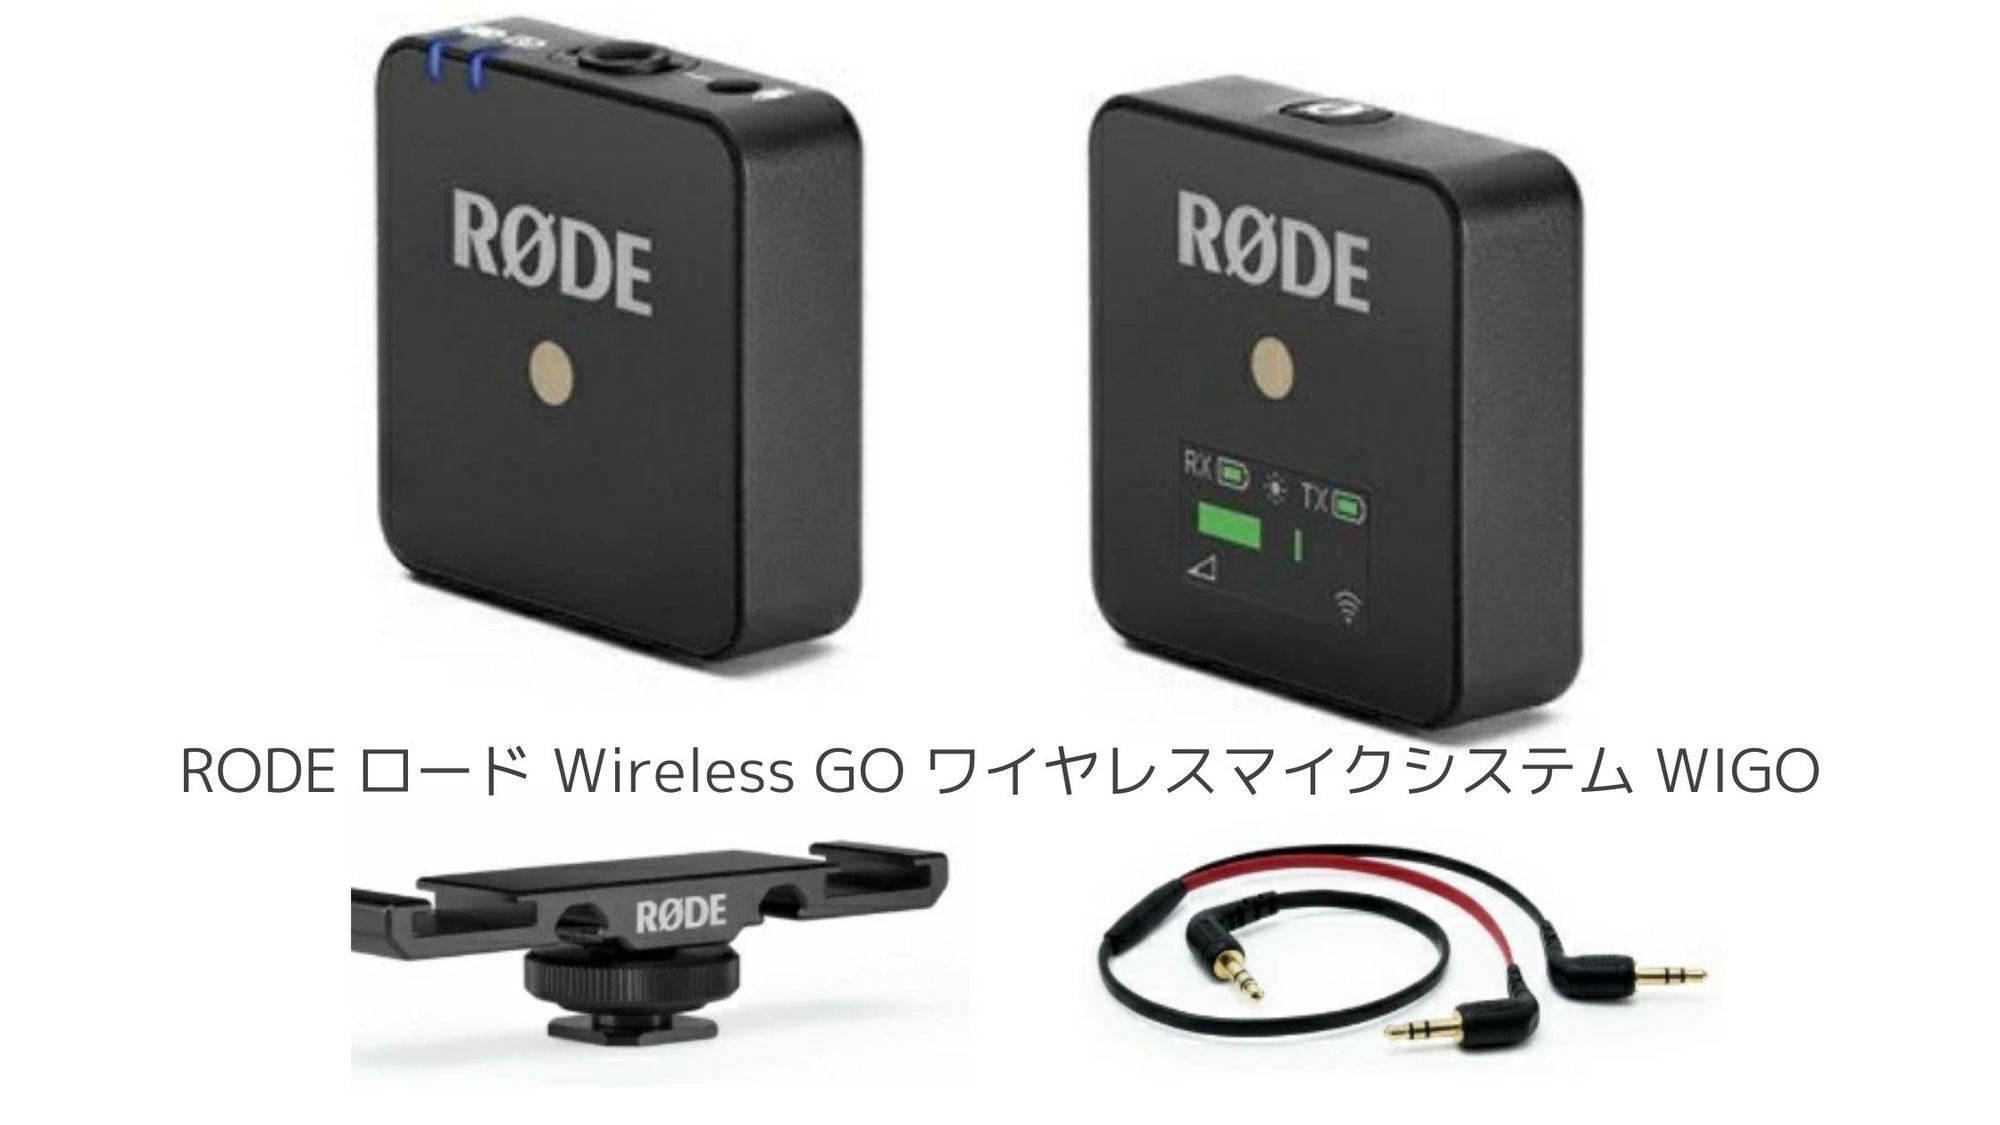 RODE ロード Wireless GO ワイヤレスマイクシステム WIGO(買うことに踏み切れない)